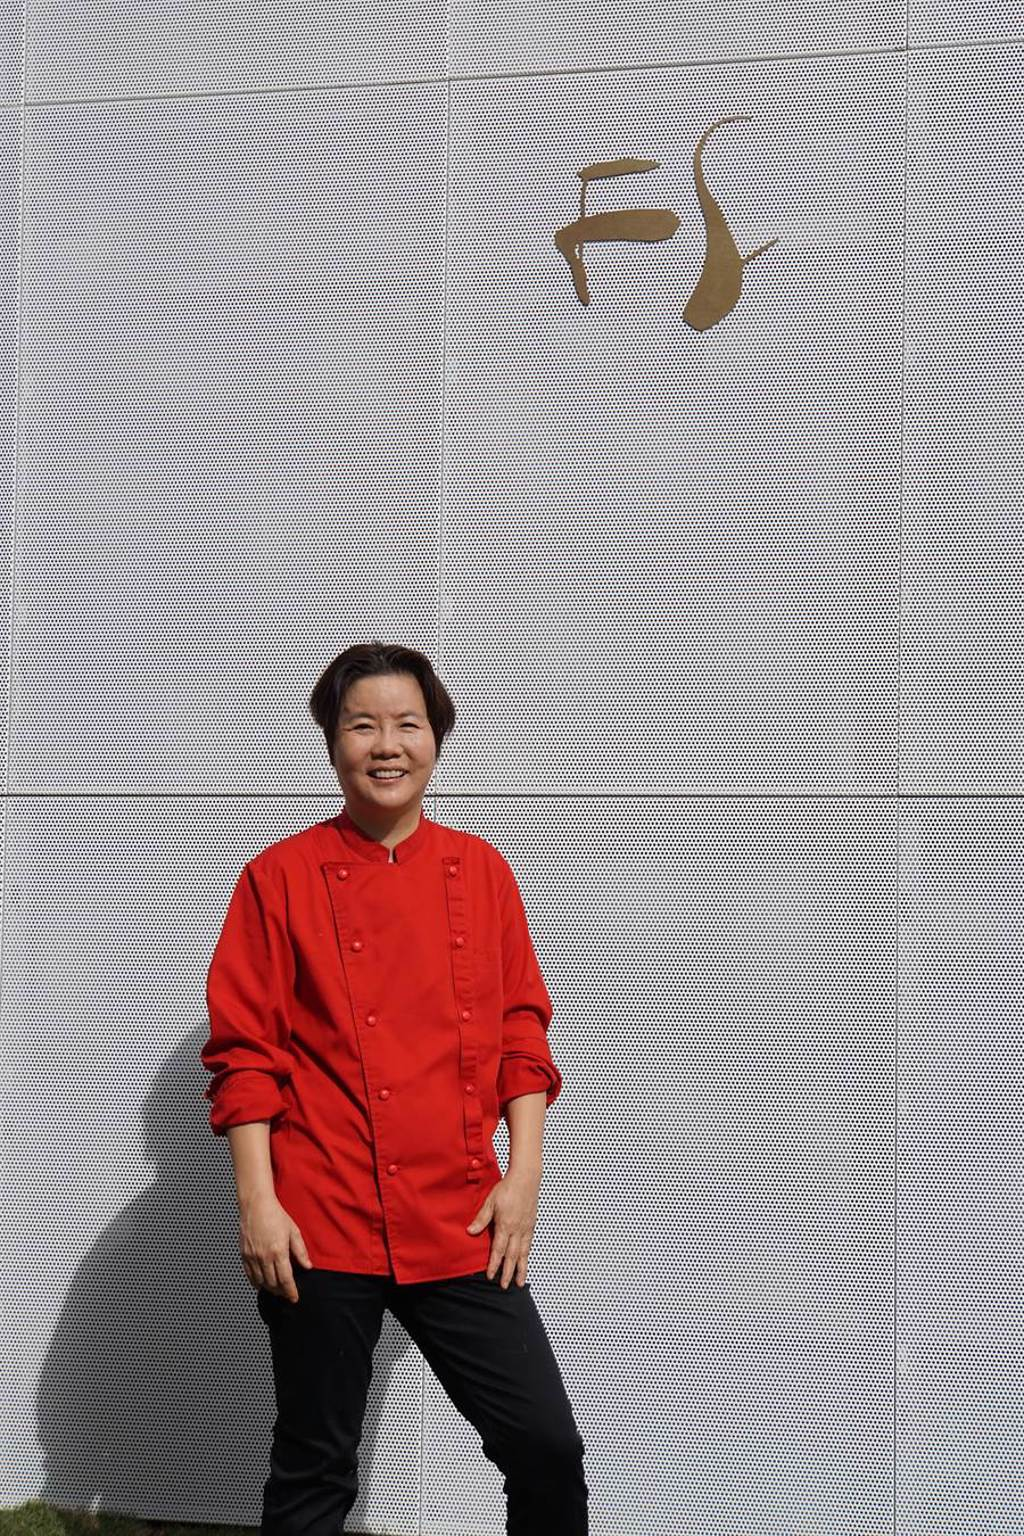 「鹽之華」餐廳主人兼主廚黎俞君,享有「中台灣西餐教母」美譽。(圖/姚舜)